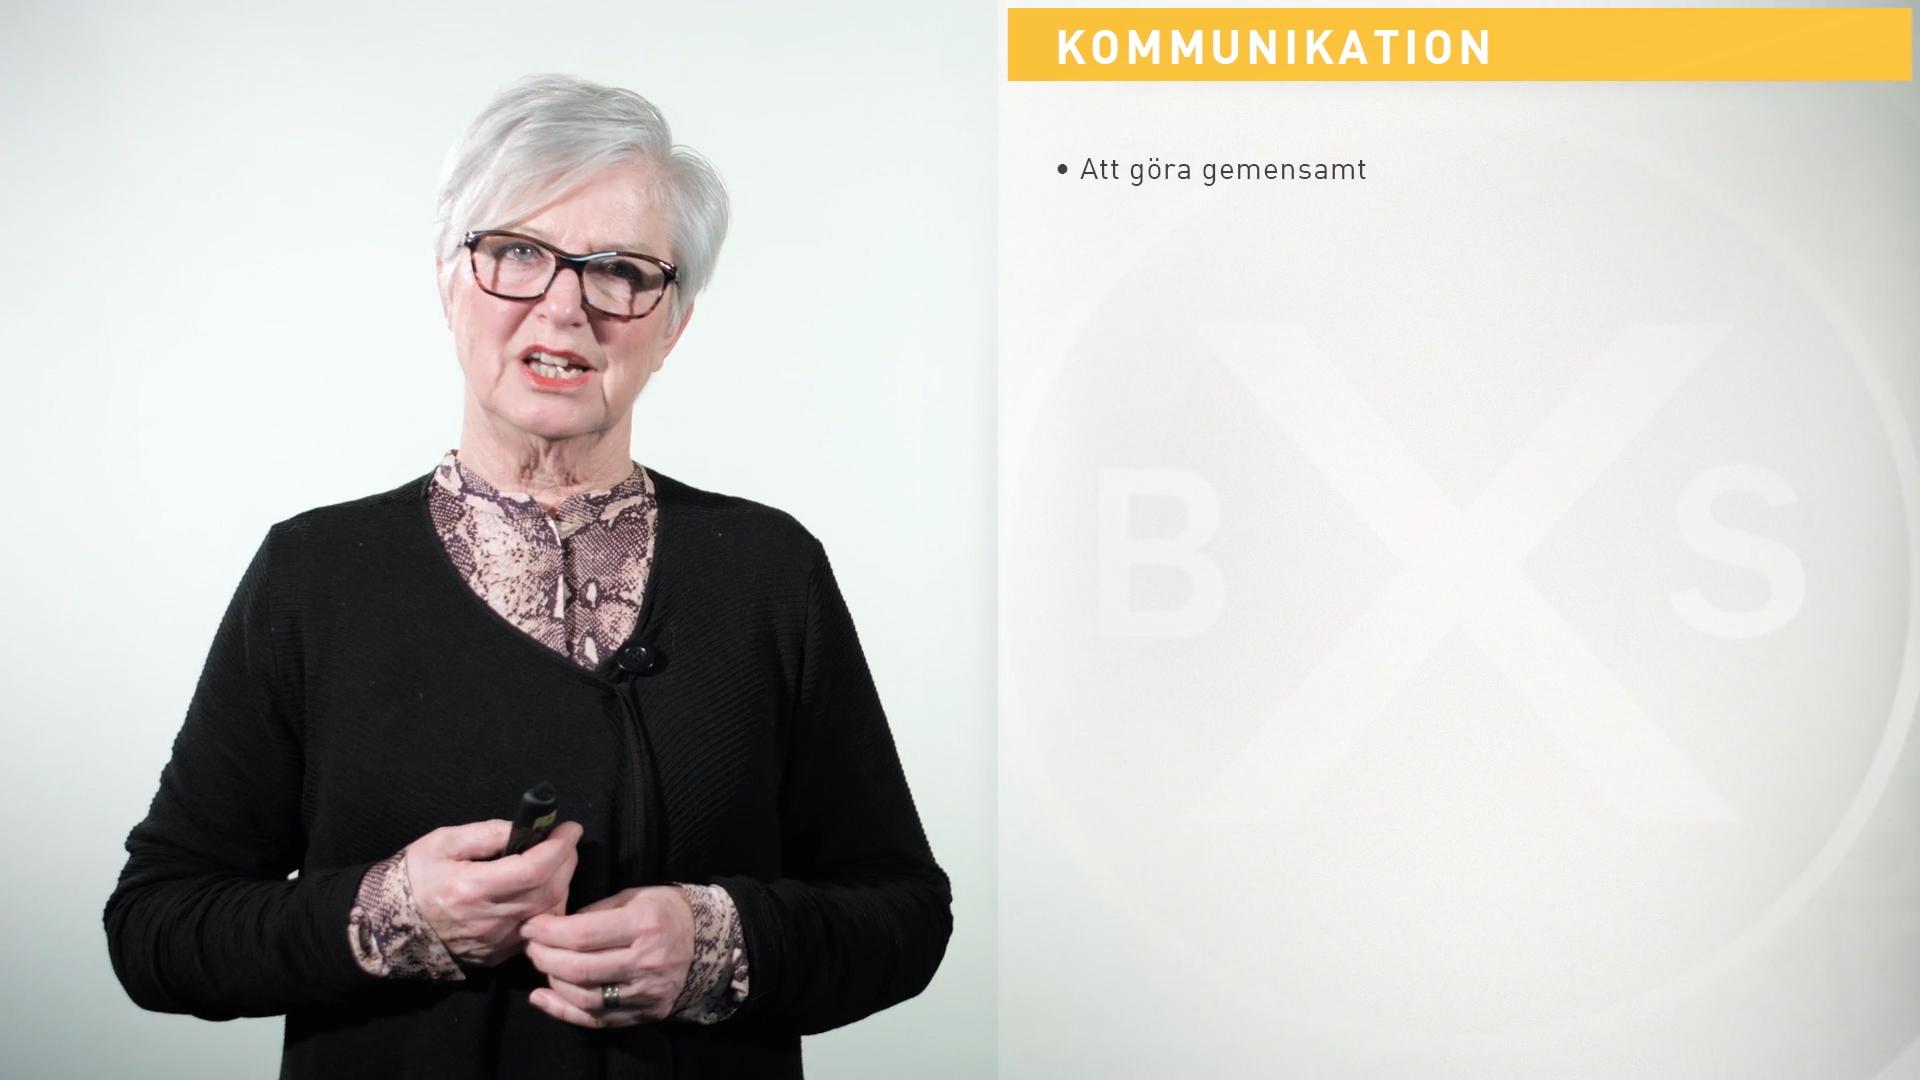 Kommunikation i palliativ vård